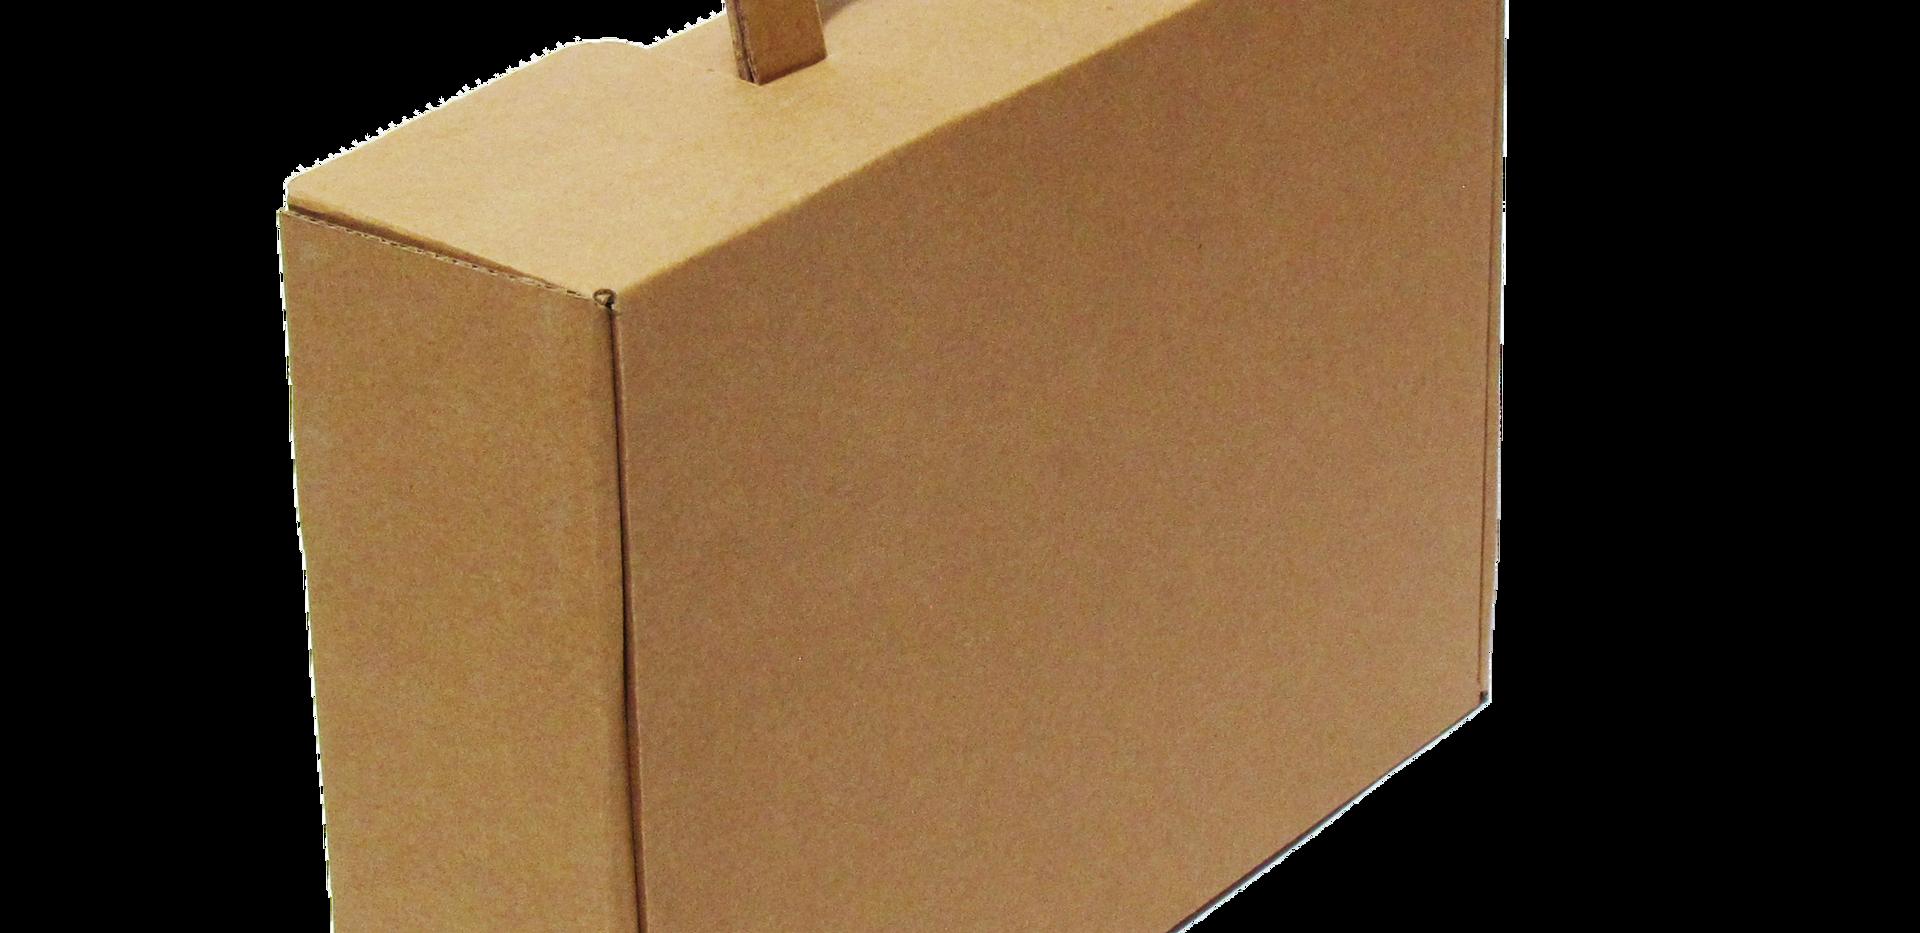 """Maletín  Medidas internas Largo: 32.4 cm. Ancho: 27.4 cm. Altura: 10.0 cm.  Material:  Flauta """"B""""  Linner: -Kraft -Blanco  Con o sin impresión"""